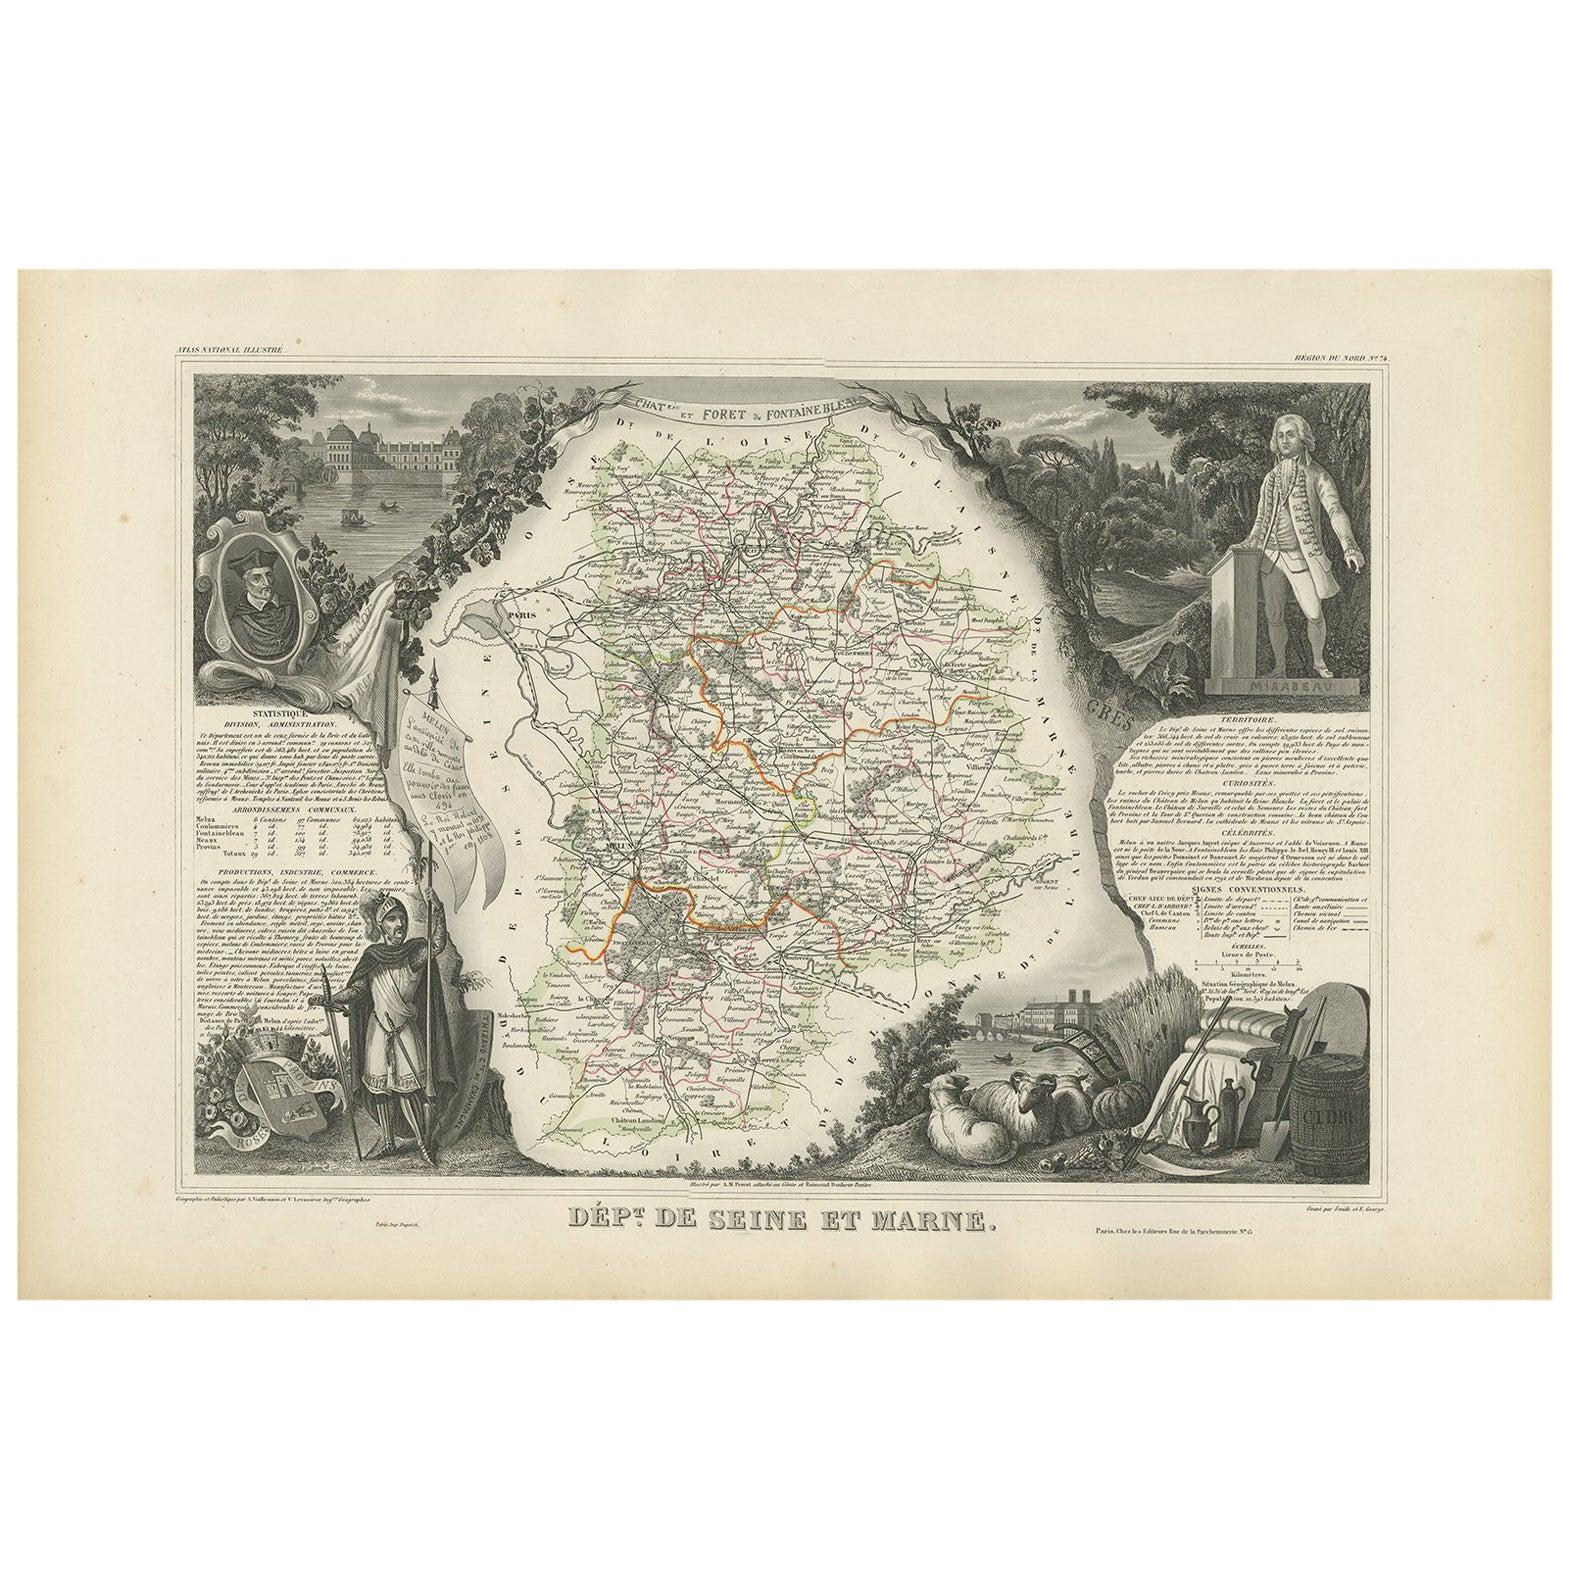 Antique Map of Seine et Marne 'France' by V. Levasseur, 1854